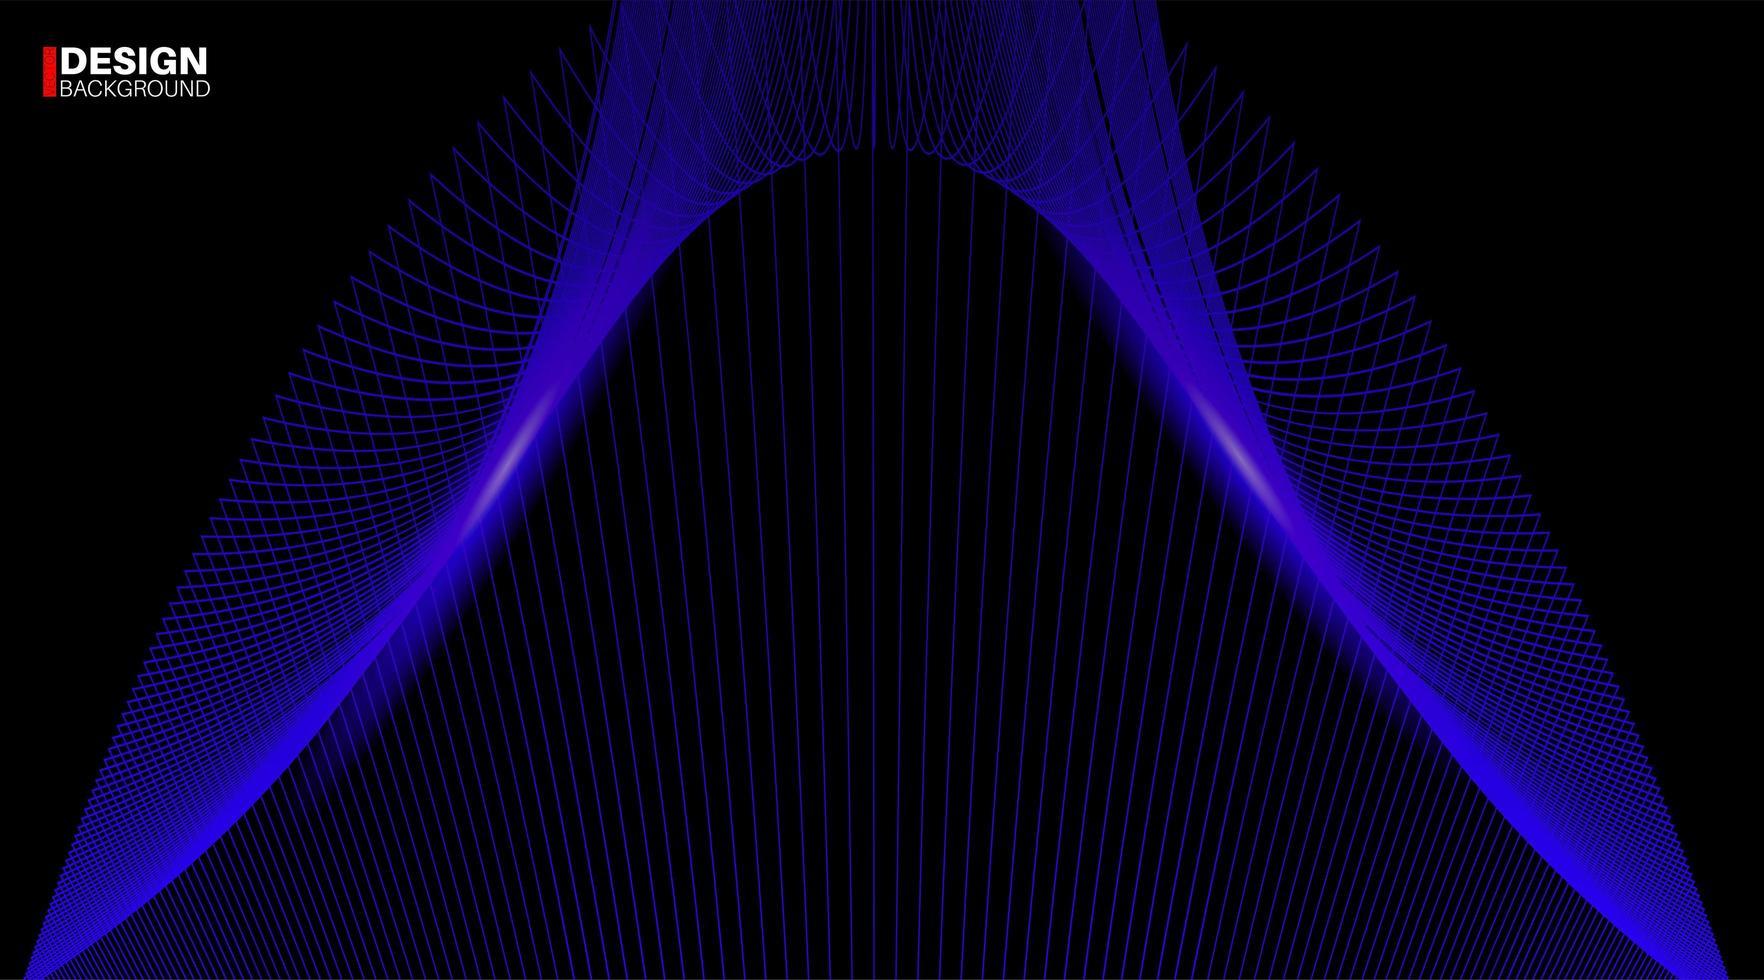 abstrakt geometrisk vektor bakgrund. blå linje våg design på en svart bakgrund.